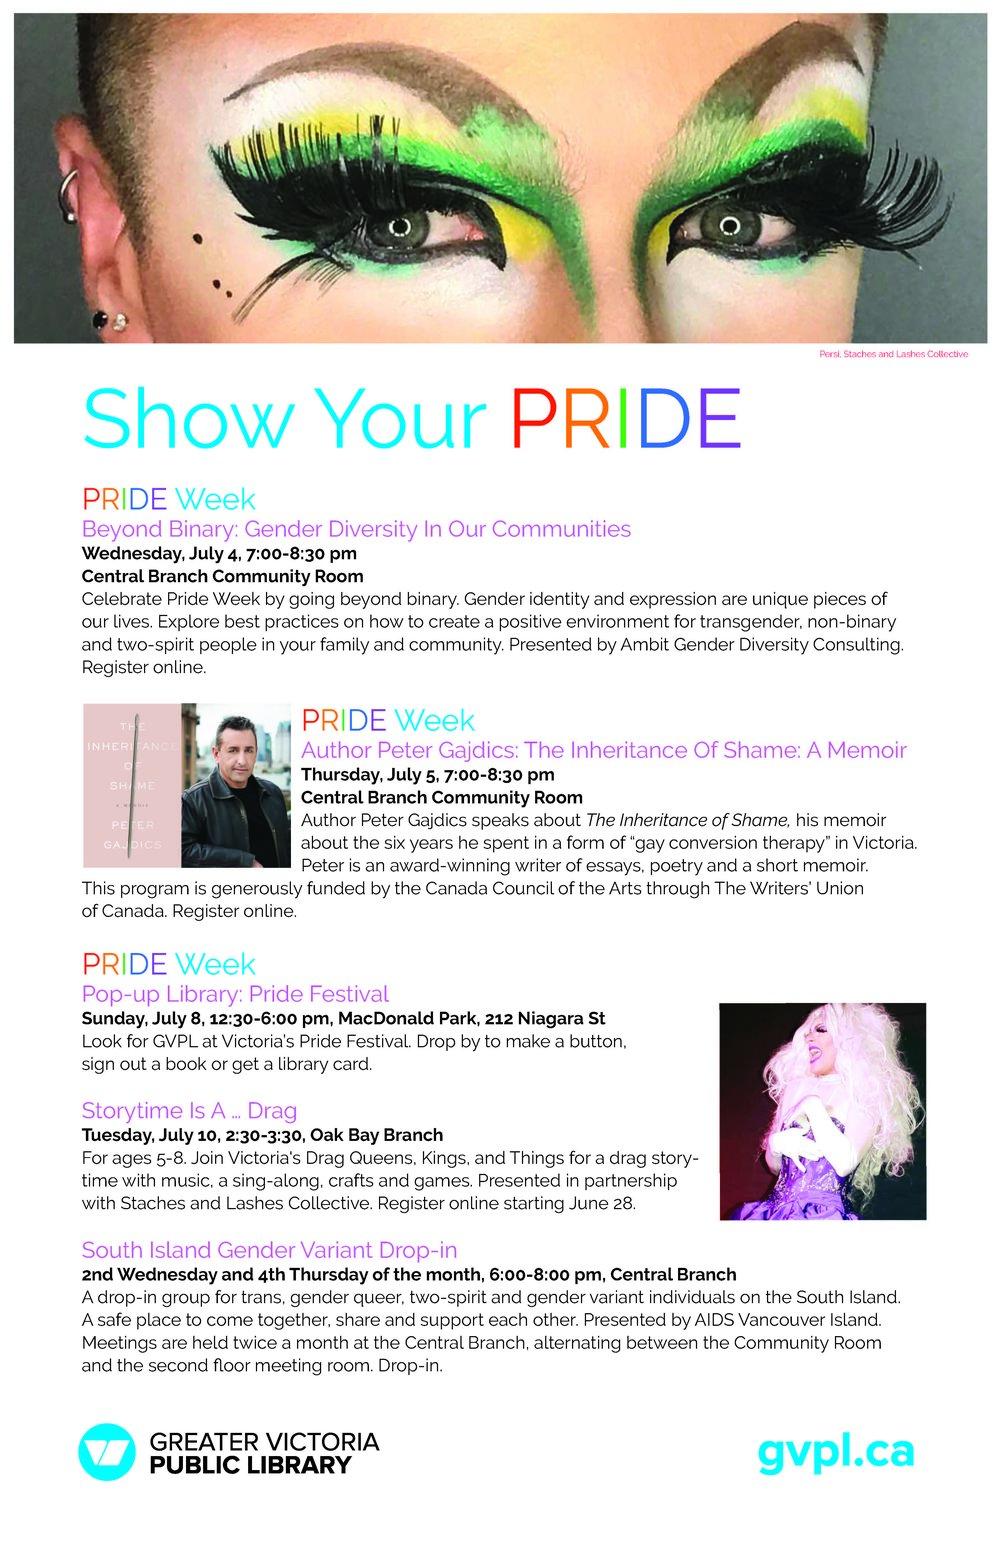 GVPL Pride Week poster 2018.jpg